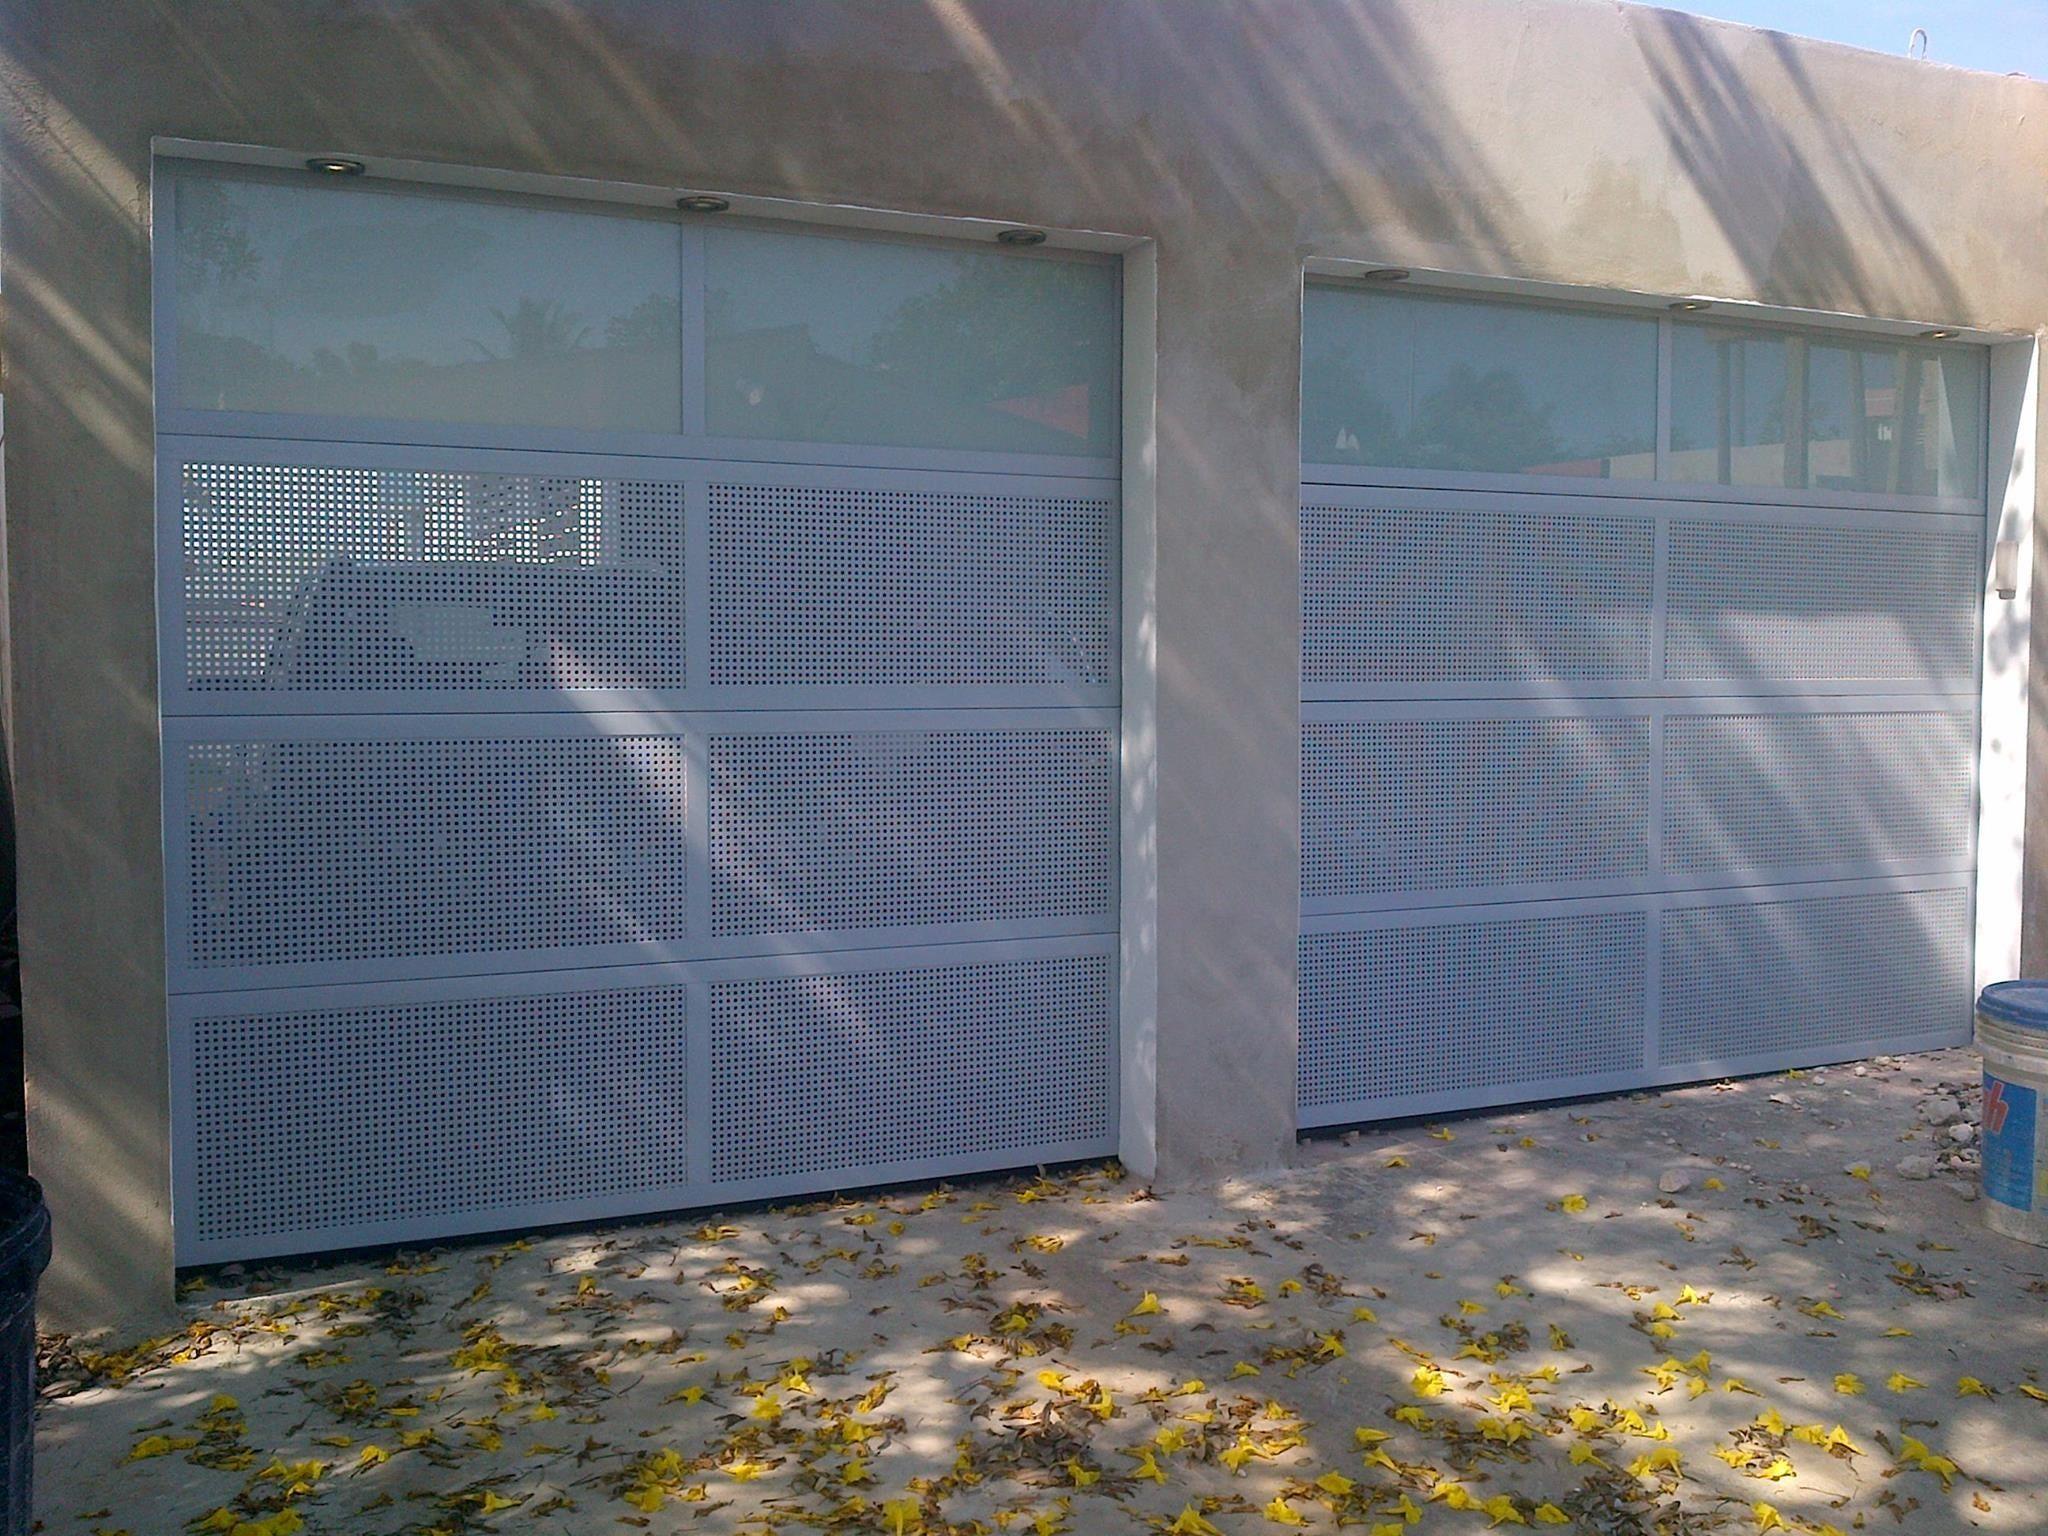 Puertas De Garaje Combinadas Con Secciones Perforadas Y Paños De Cristal Puertas De Garaje Garaje Puertas